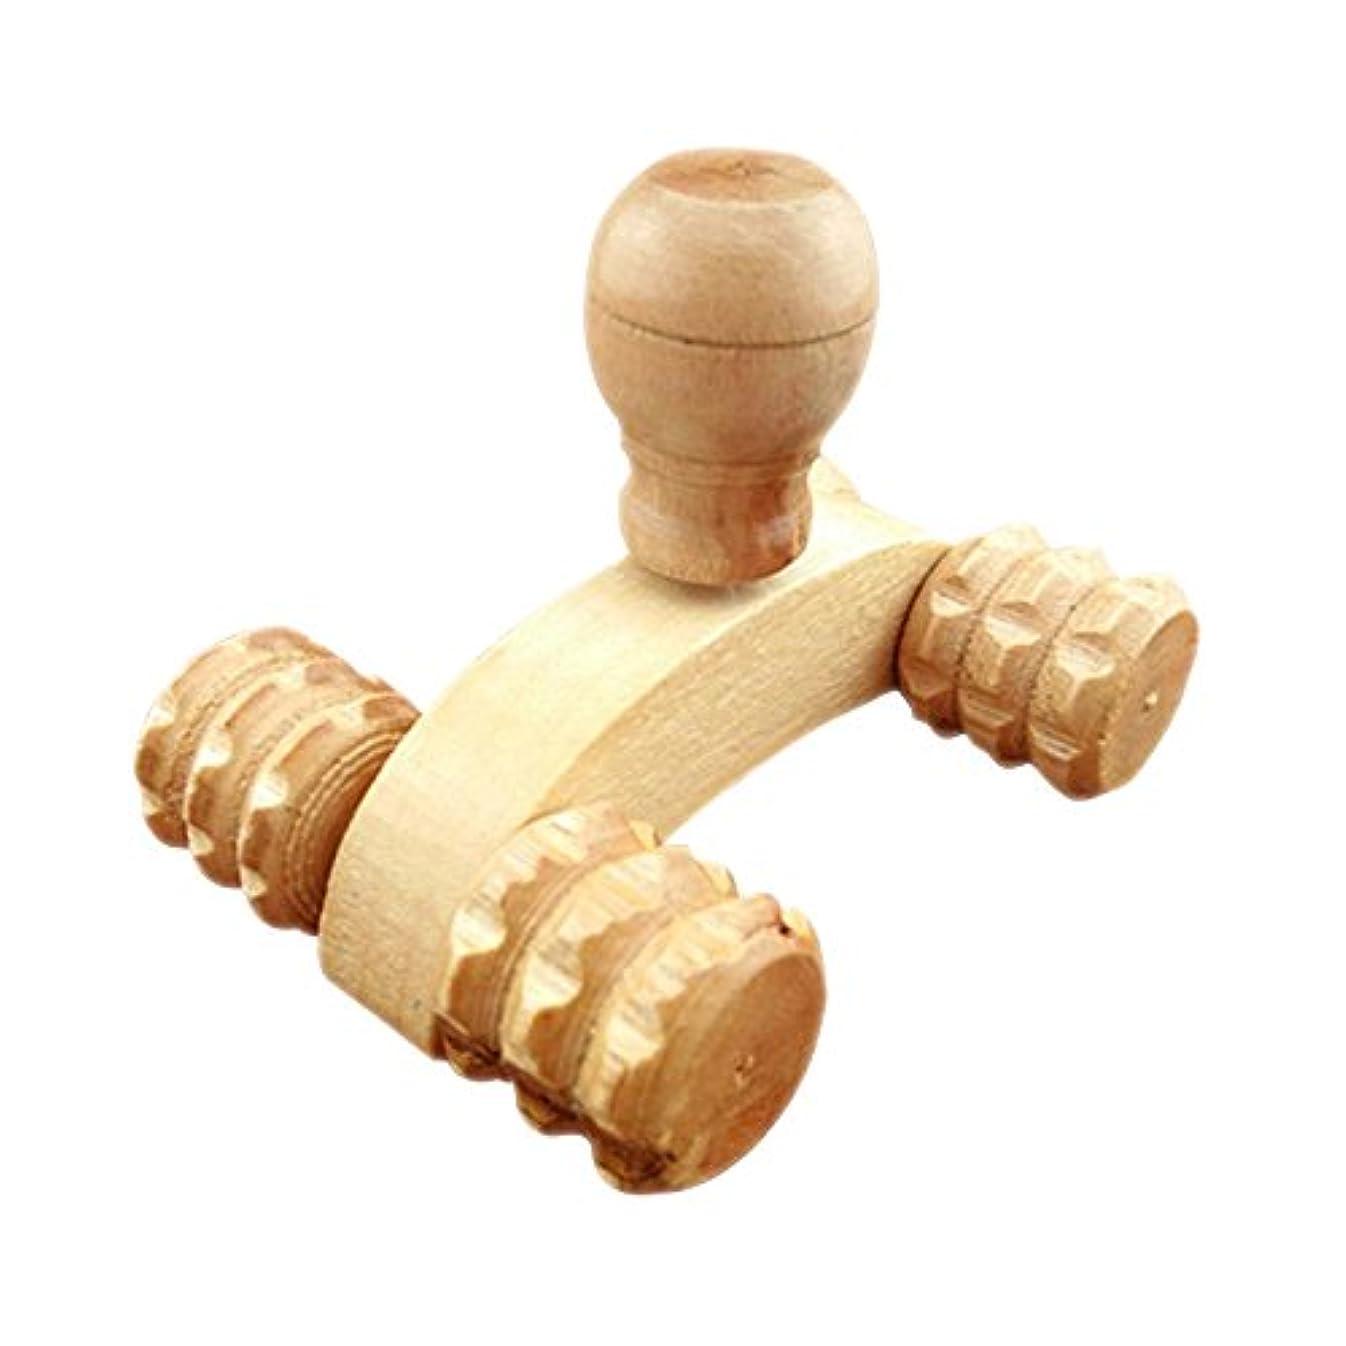 のぞき穴北方養うHrph ボディマッサージ ボディケア 四輪 木製